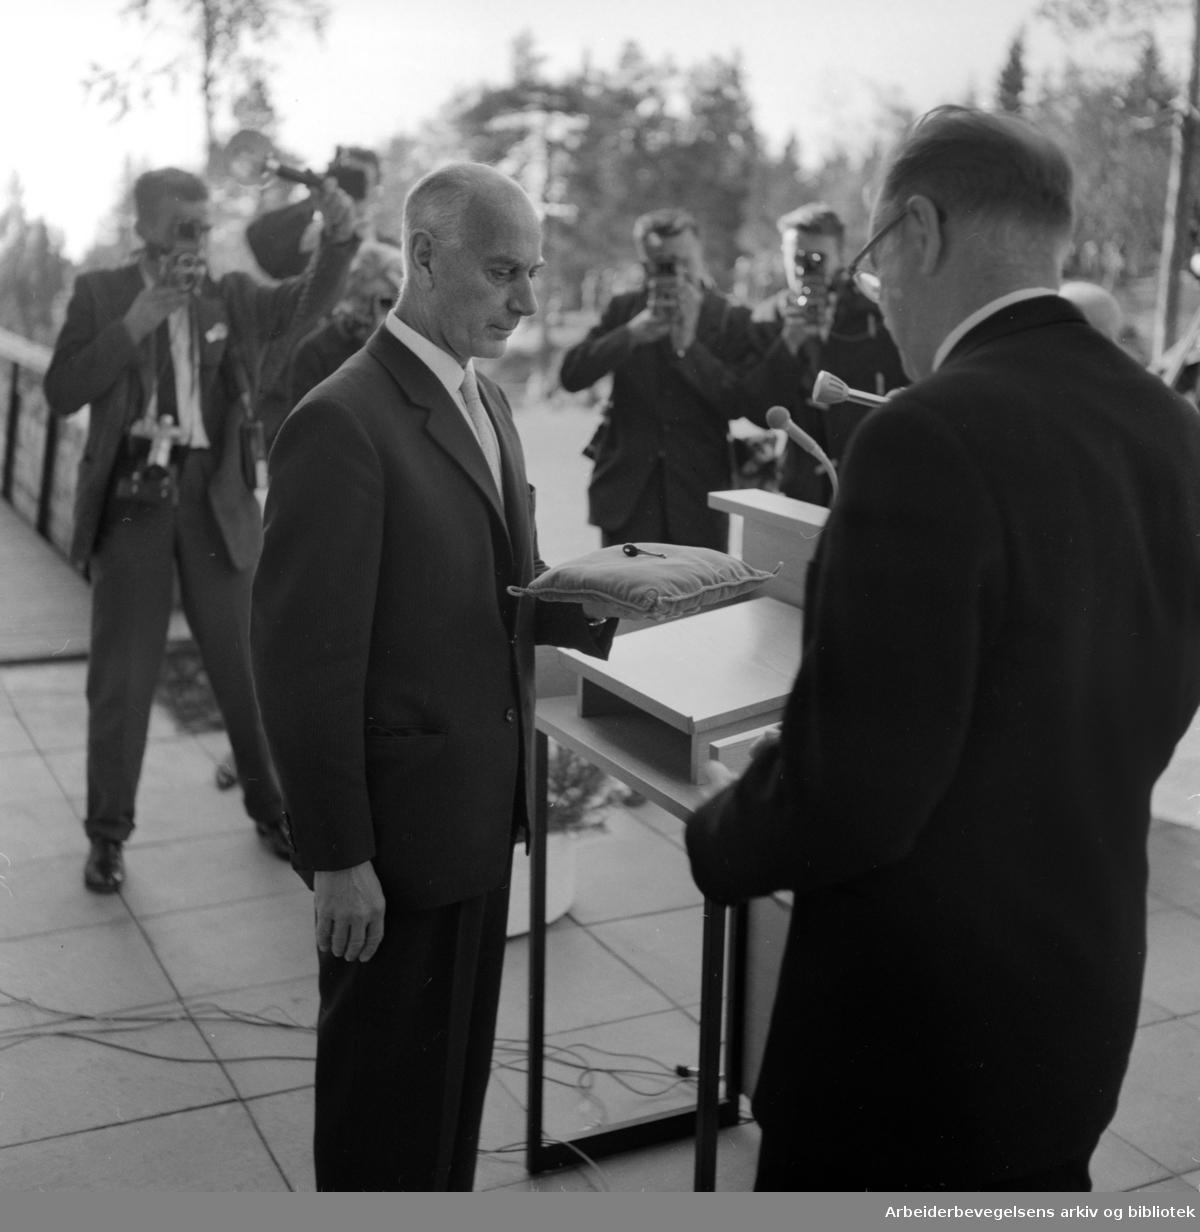 """Voksenåsen. Fra overleveringen. Nøklene til """"Voksenåsen"""", den norske nasjonalgaven til Sverige, ble overrakt av statsminister Einar Gerhardsen til den svenske statsminister Tage Erlander. Oktober 1960"""